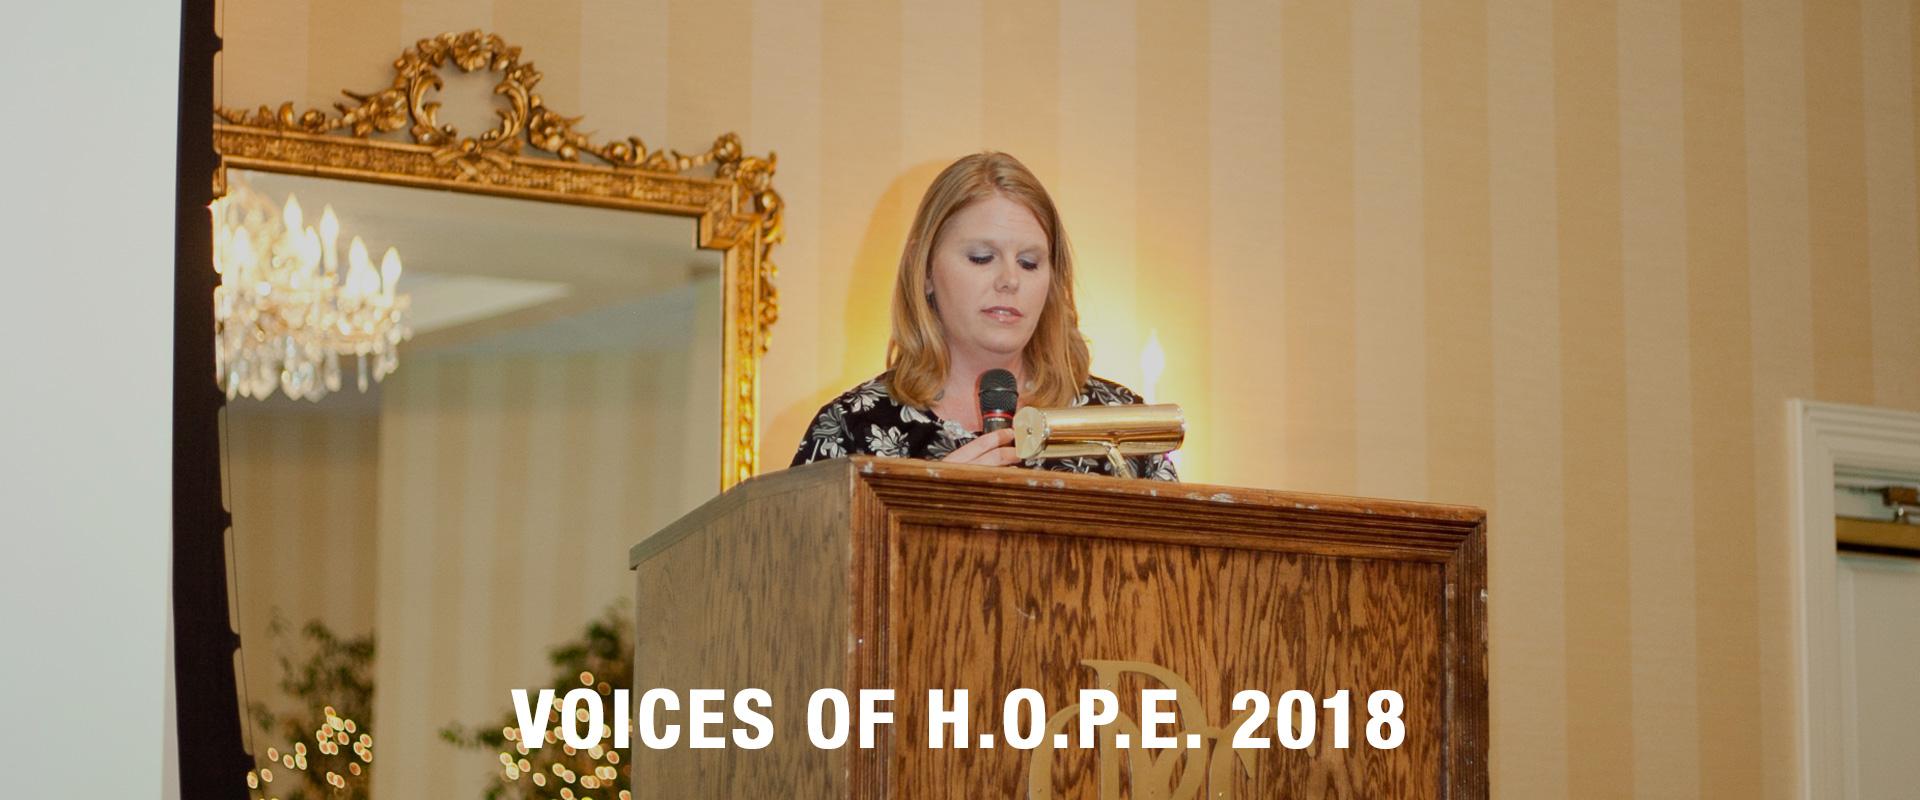 Voices of H.O.P.E. 2018 - 15